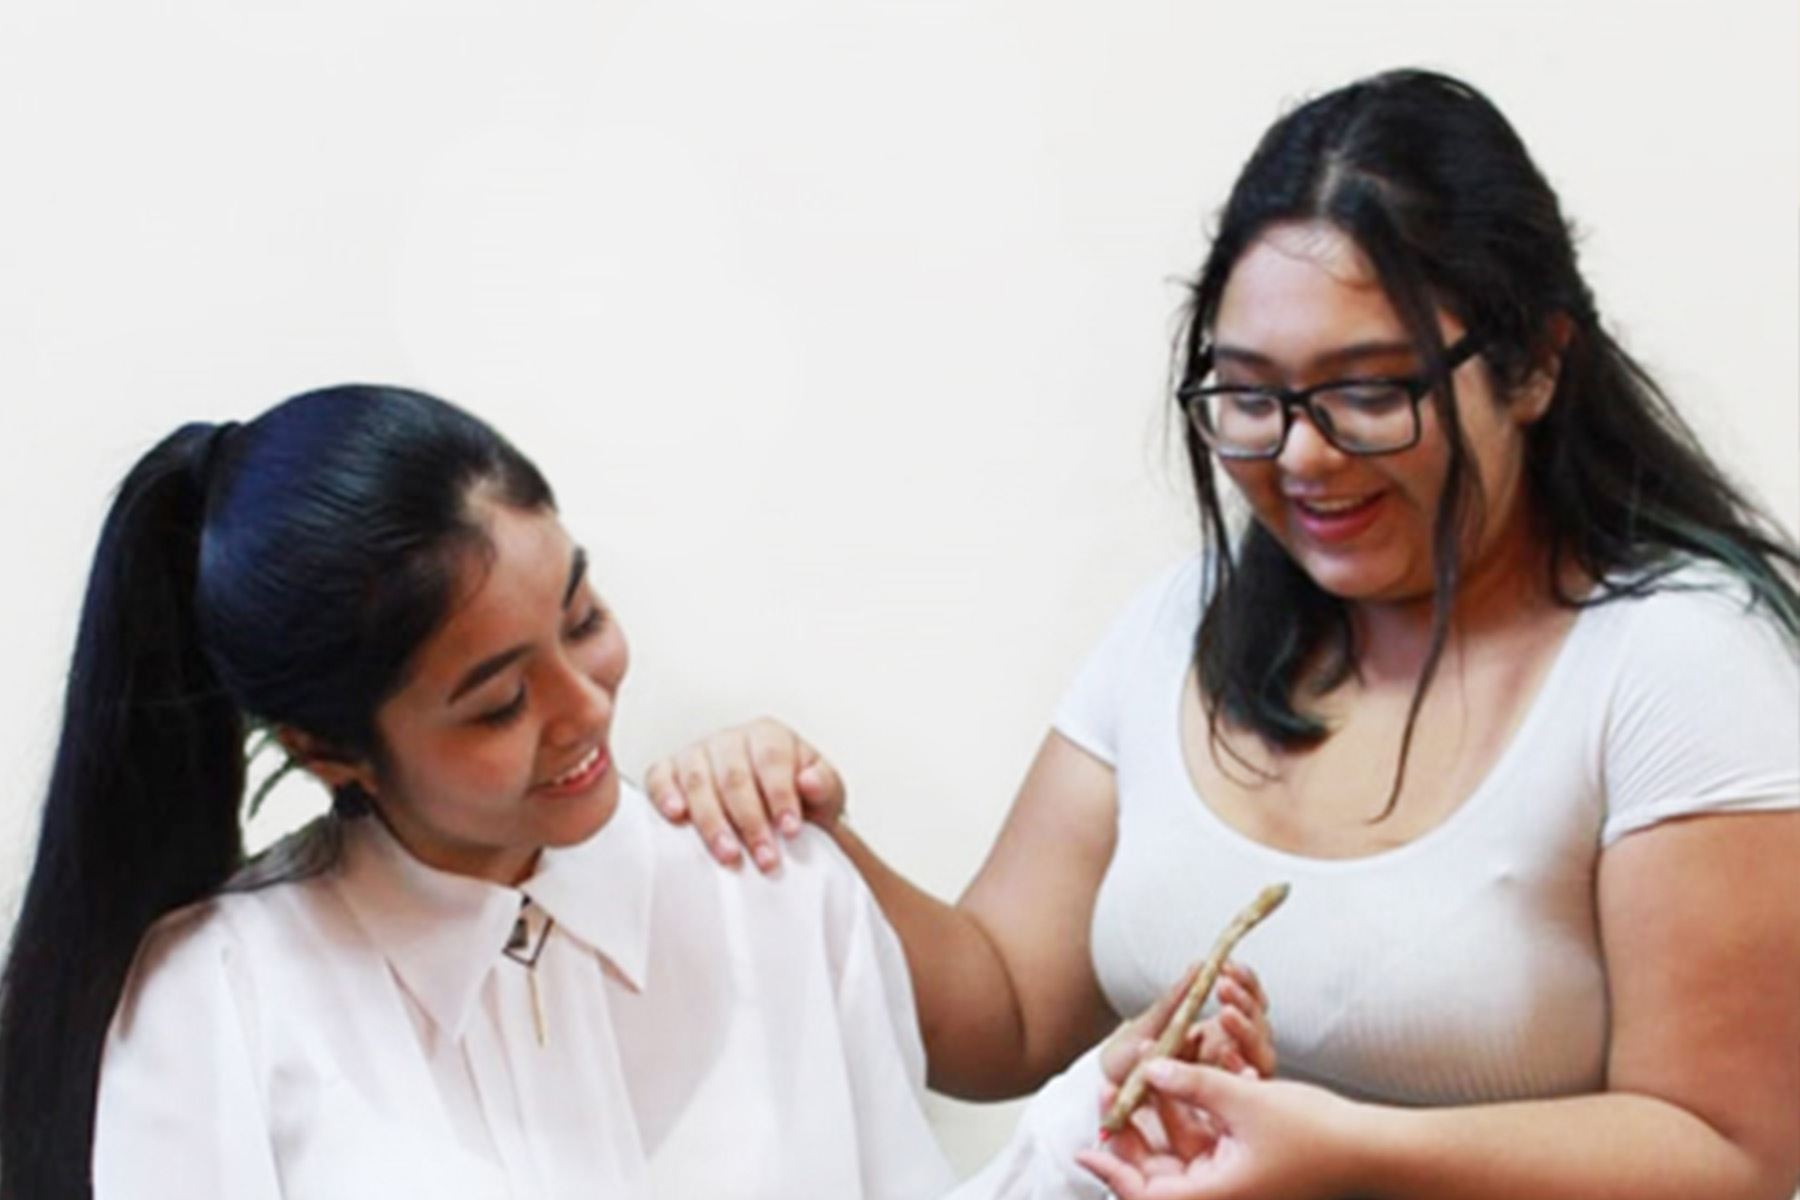 Inventoras peruanas obtuvieron el segundo lugar  en Feria Internacional de Mujeres de Corea del Sur (Foto: INDECOPI)